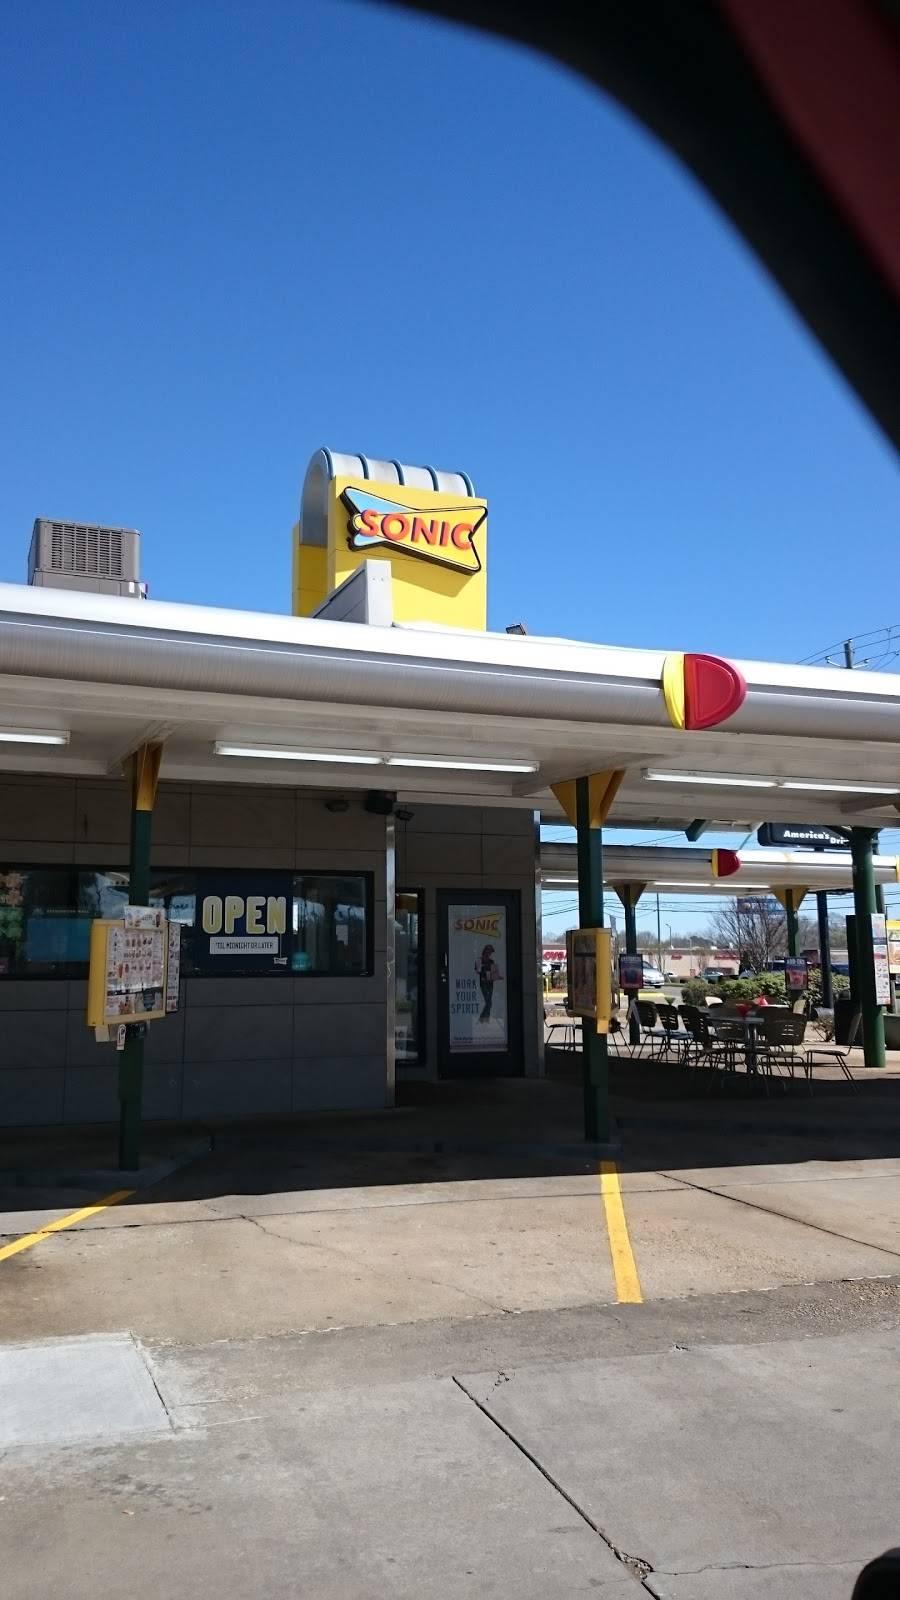 Sonic Drive-In | restaurant | 1829 E Main St, Prattville, AL 36067, USA | 3343614124 OR +1 334-361-4124